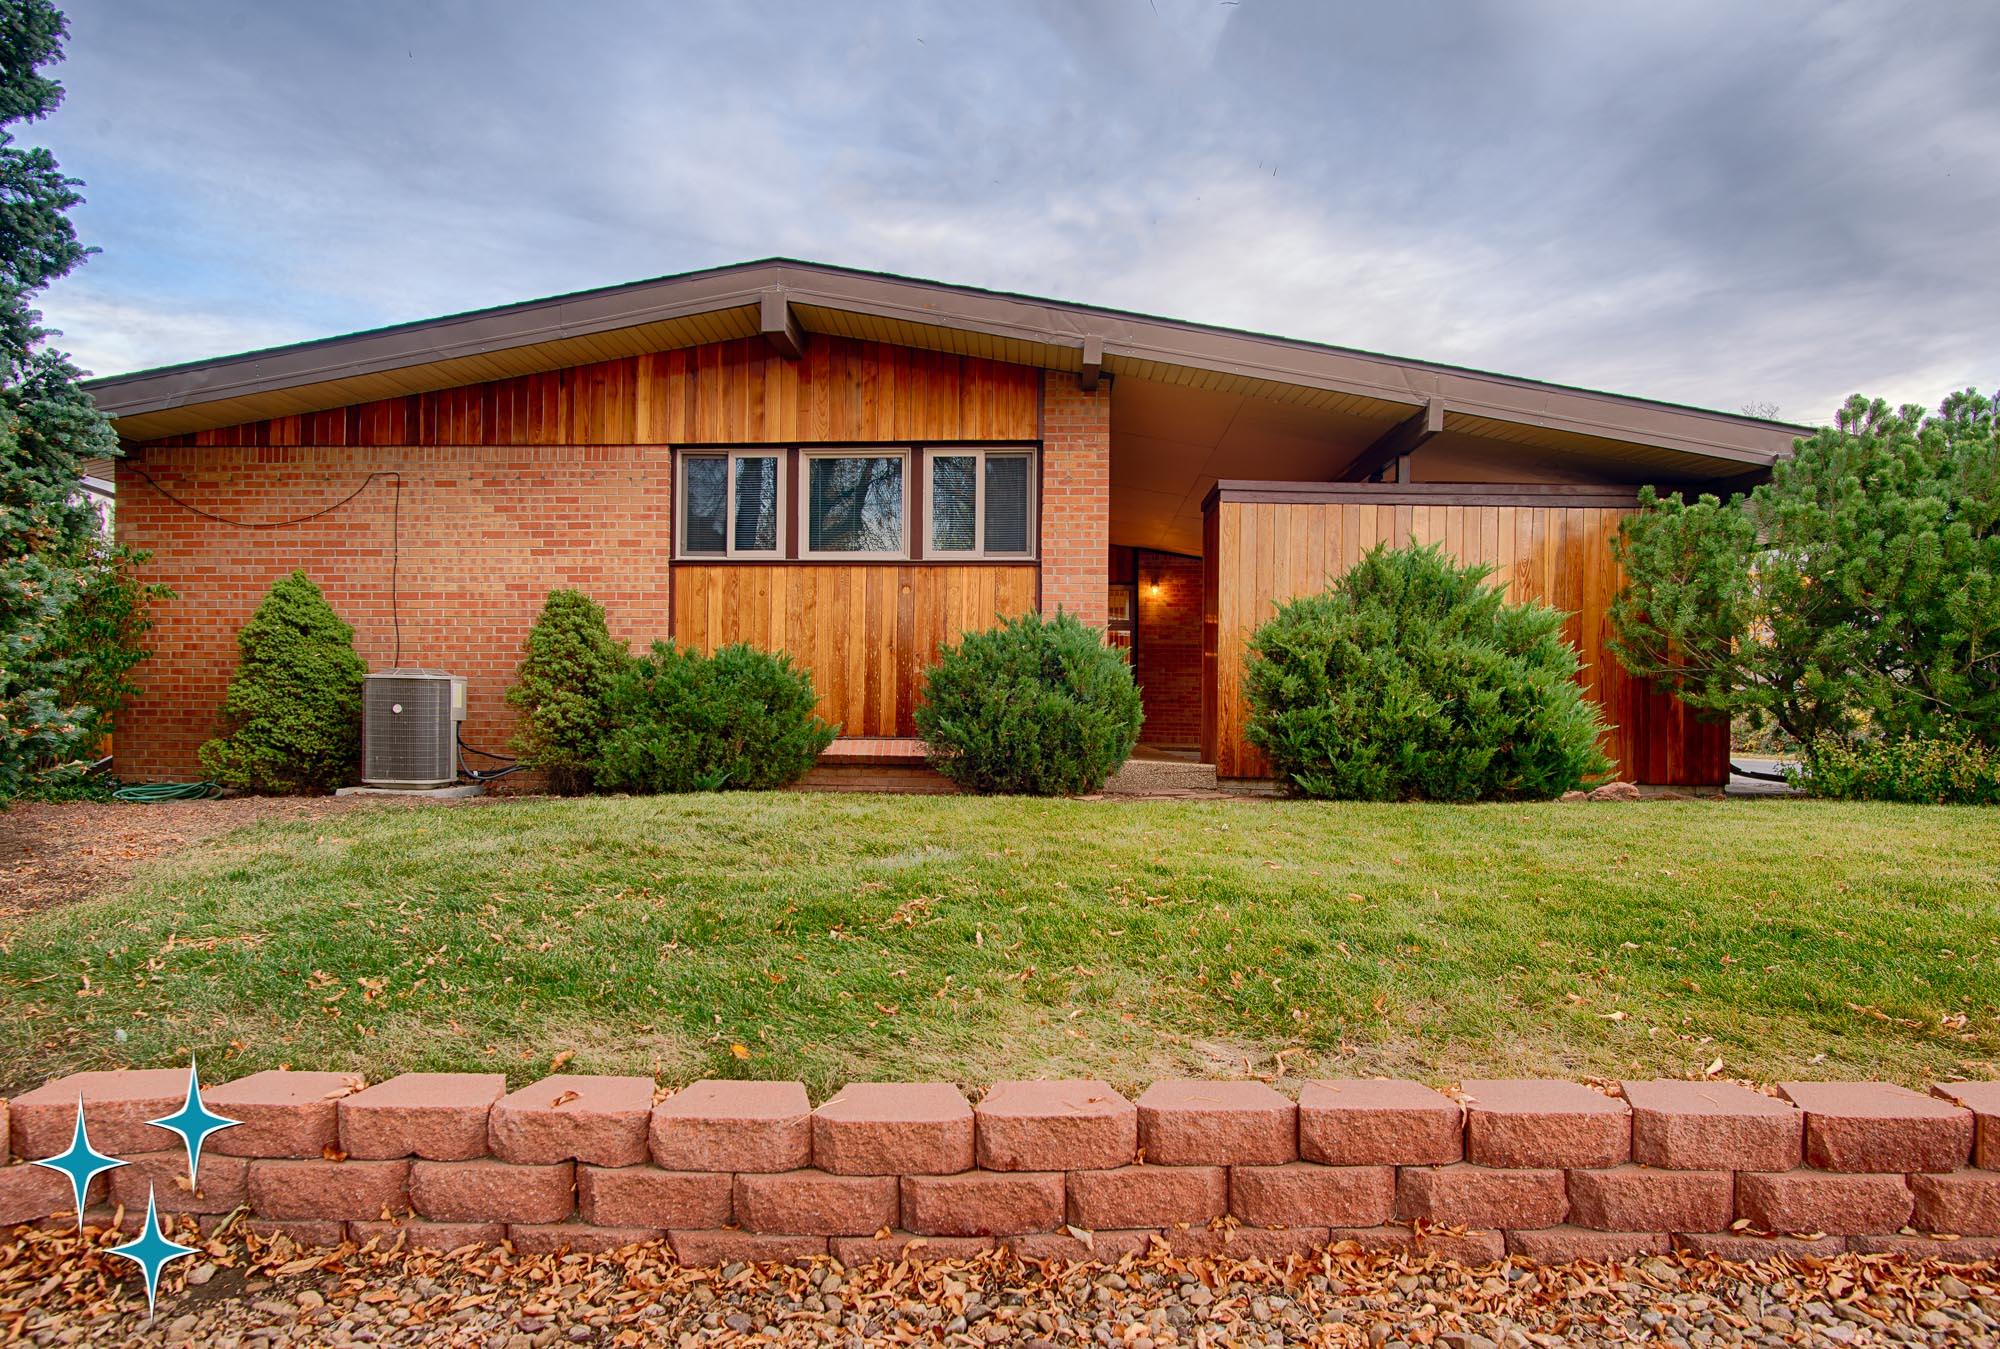 Adrian-Kinney-4155-W-Iliff-Avenue-Denver-r-Carey-Holiday-Home-2000w50-3SWM-1.jpg